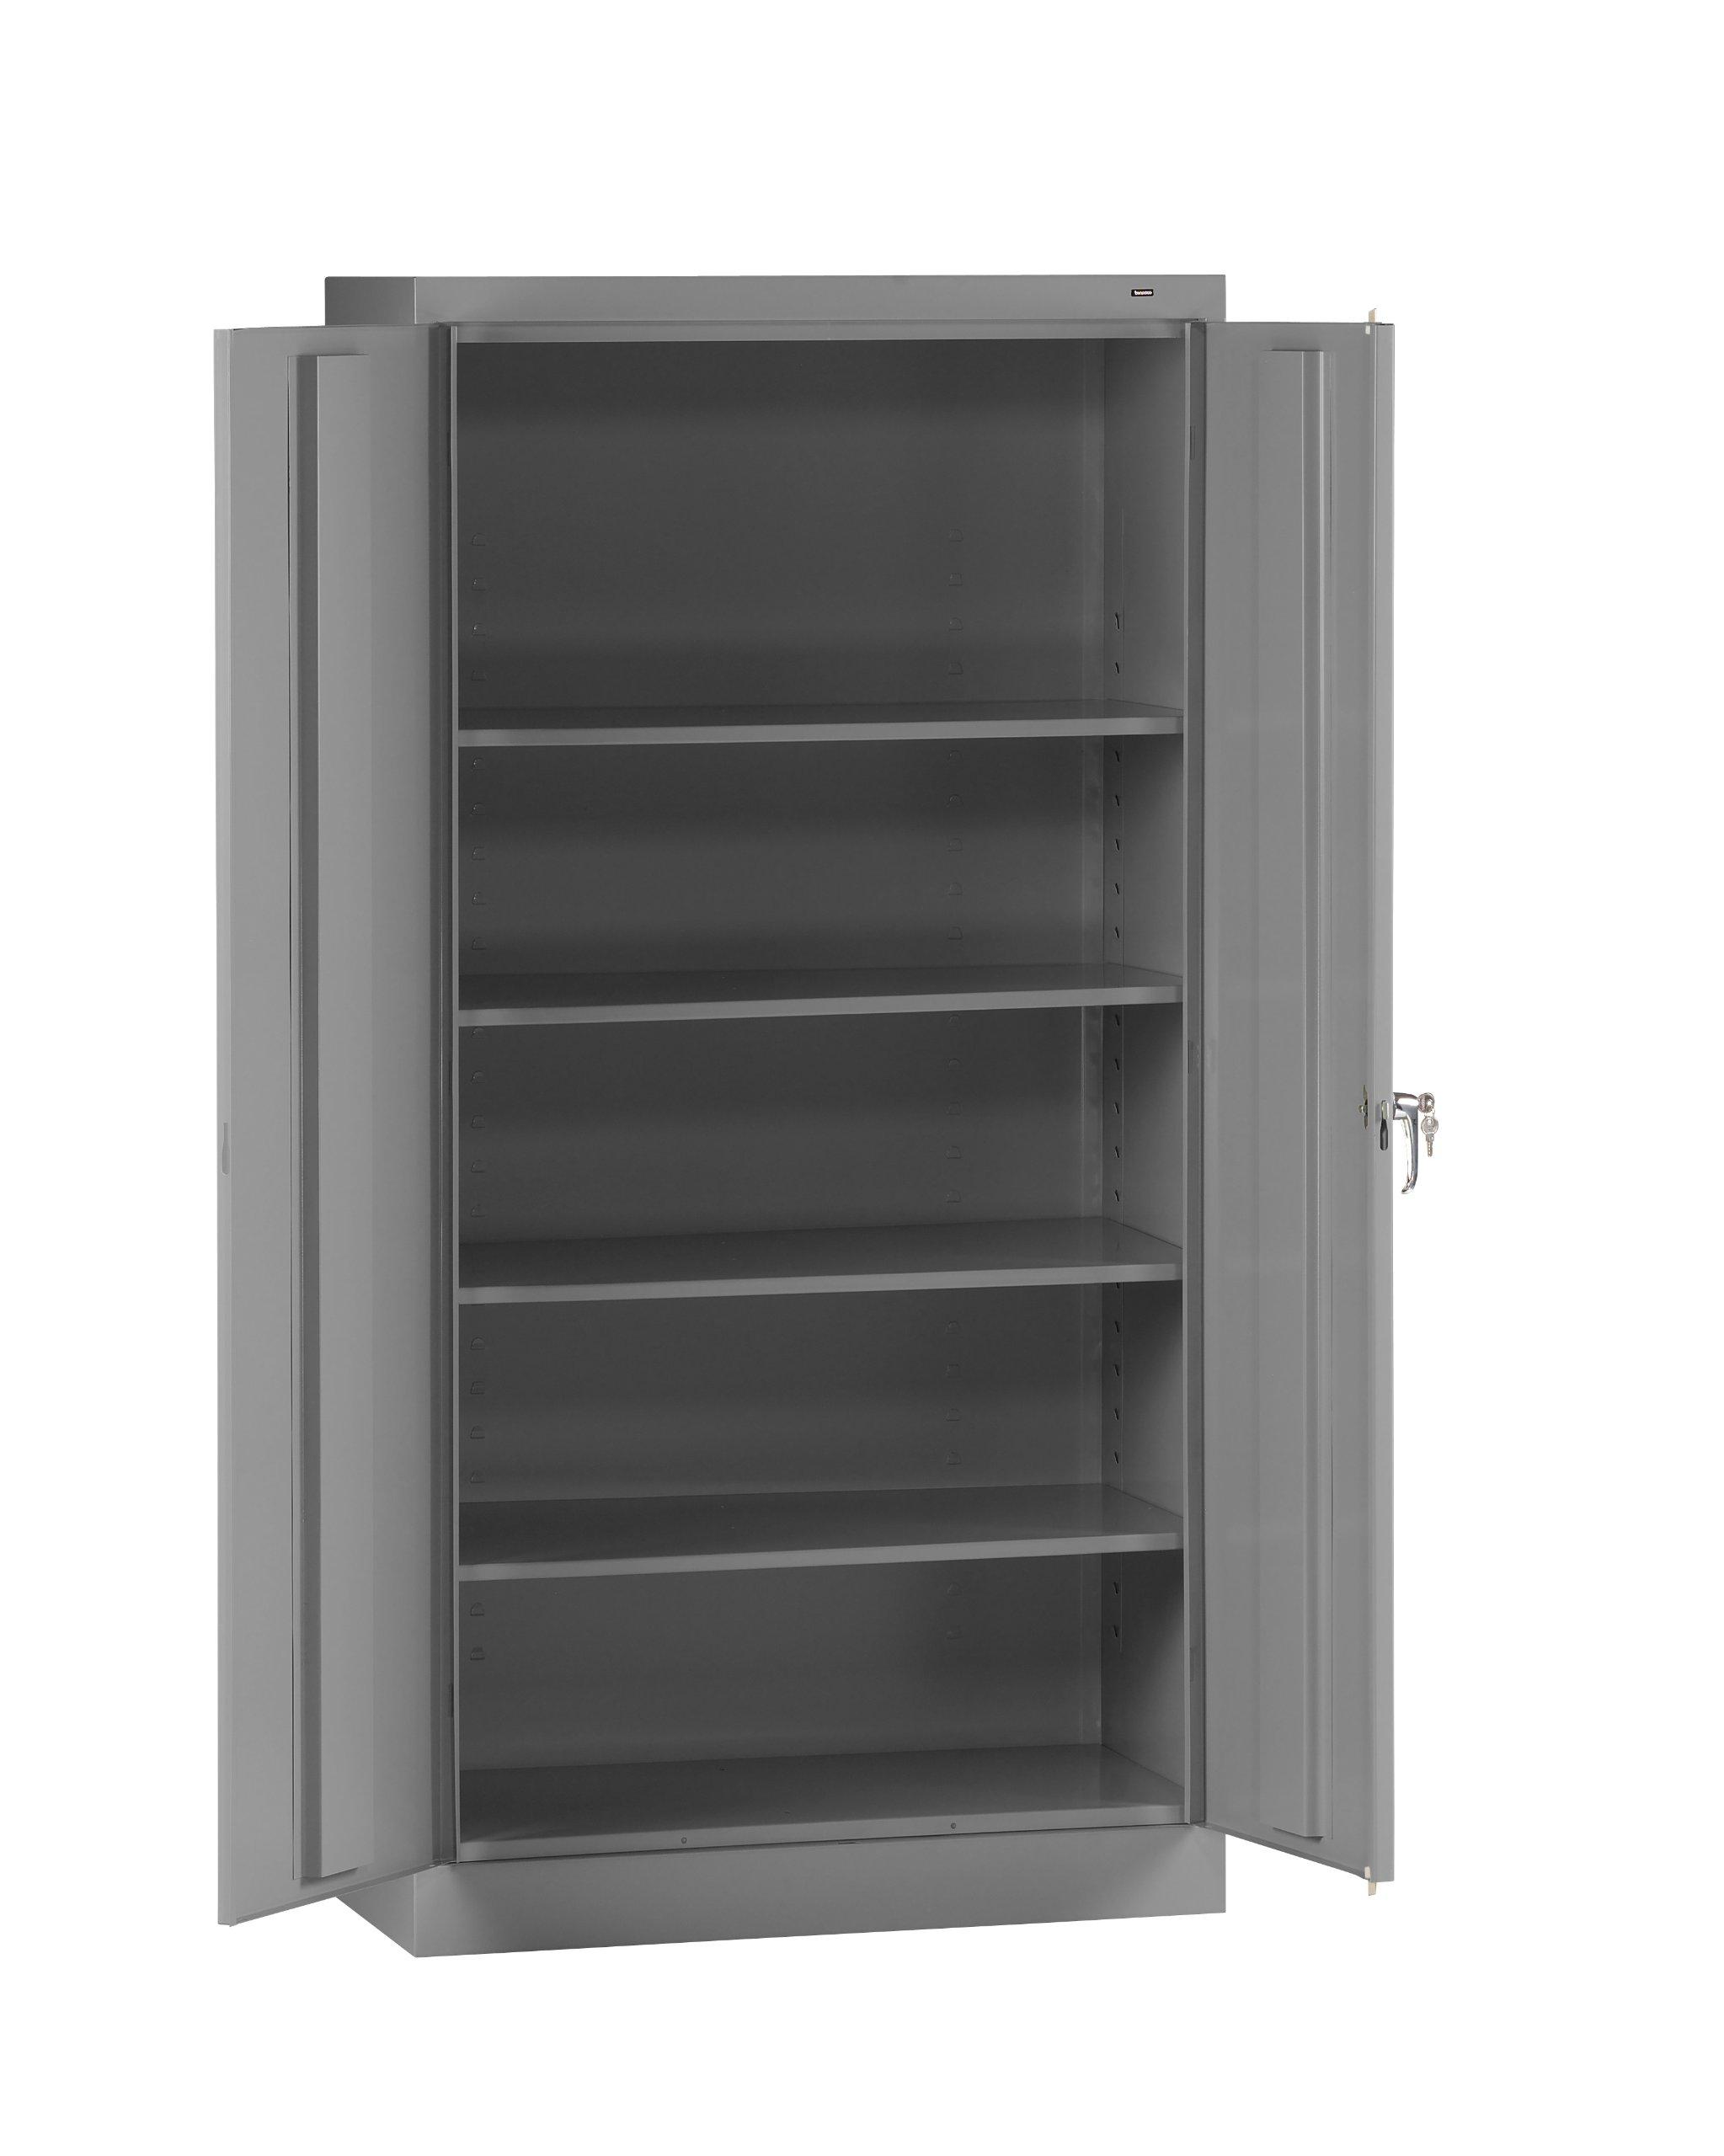 Tennsco 7224 24 Gauge Steel Standard Welded Storage Cabinet, 4 Shelves, 200 lbs Capacity per Shelf, 36'' Width x 72'' Height x 24'' Depth, Medium Grey